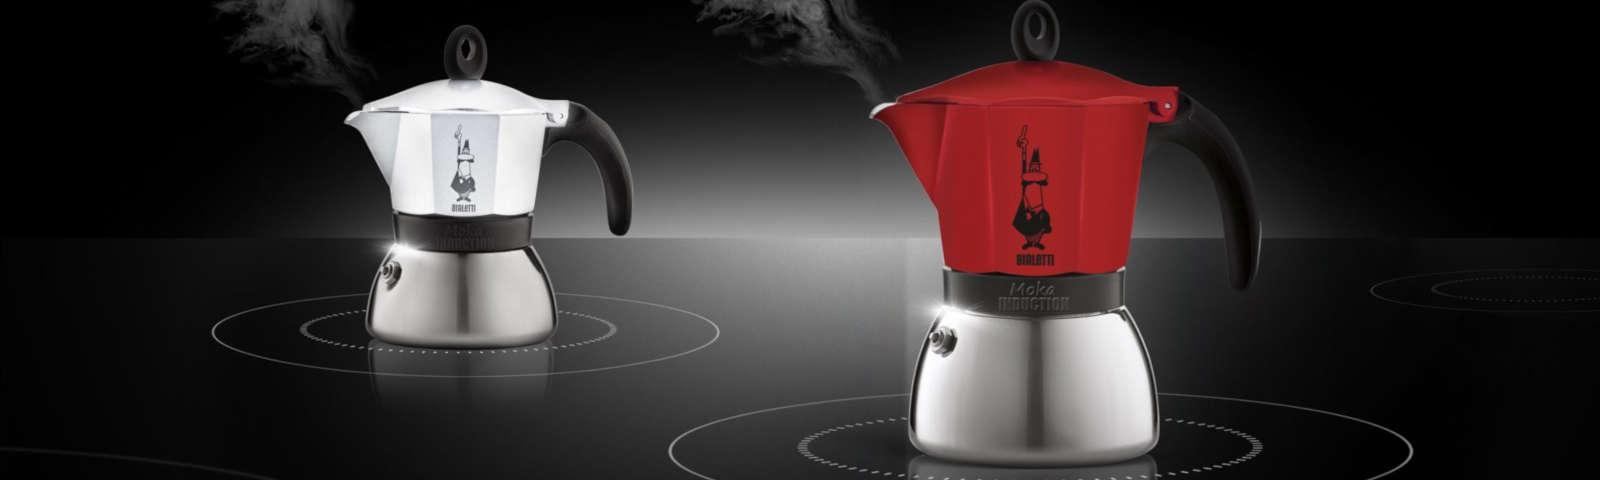 гейзерные кофеварки на плите фото